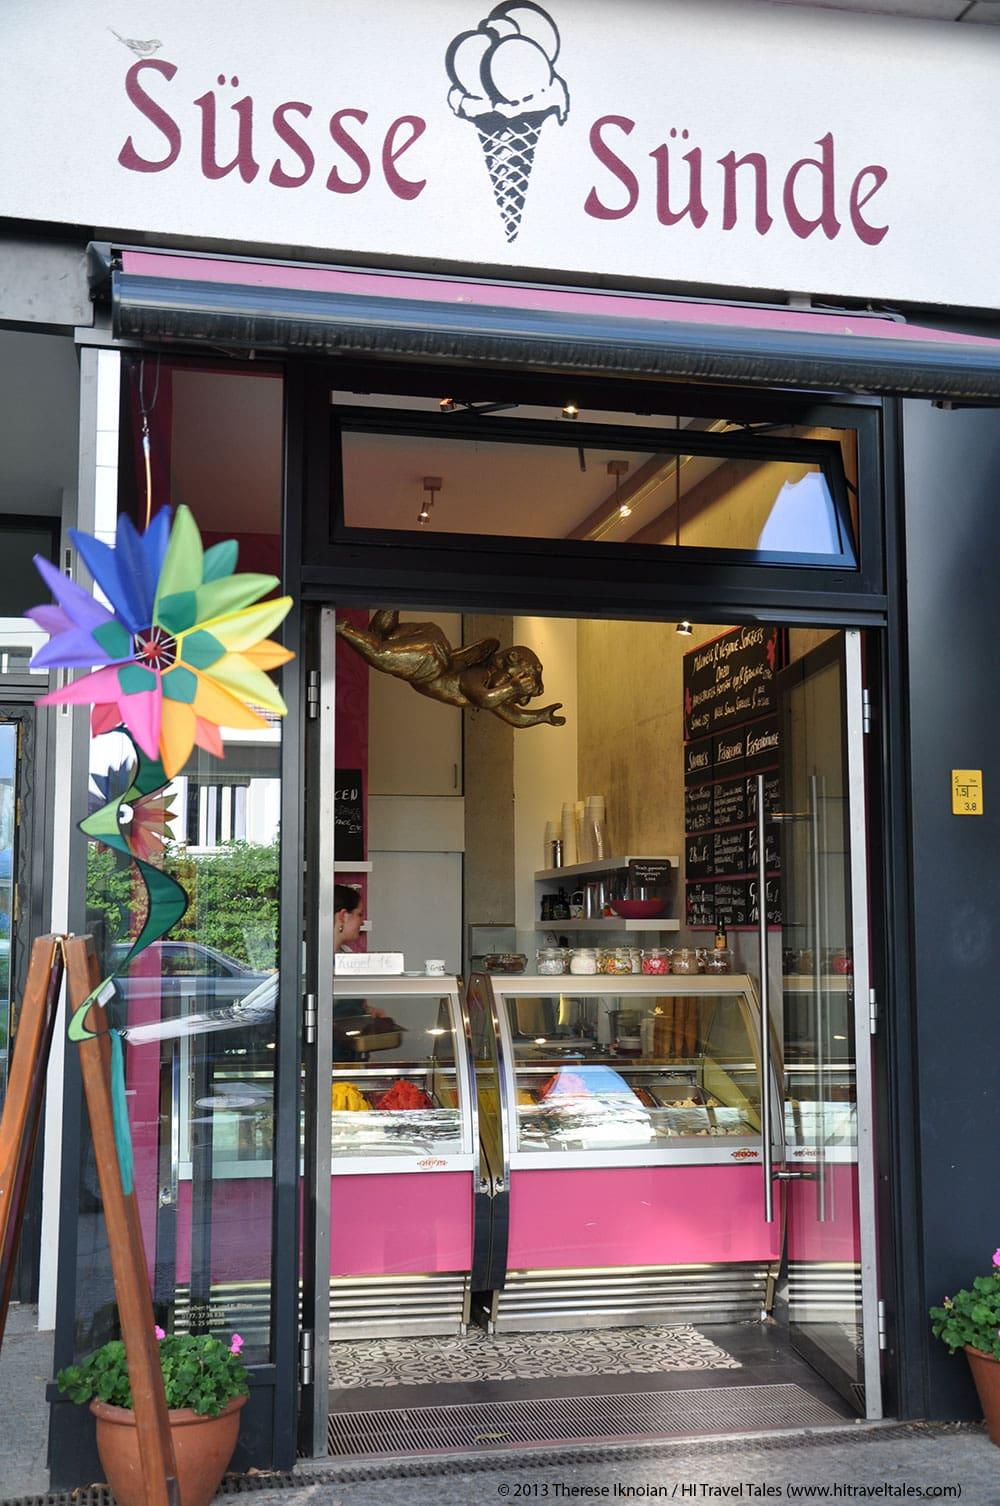 Süsse Sünde (Sweet Sins) walk-up ice cream counter